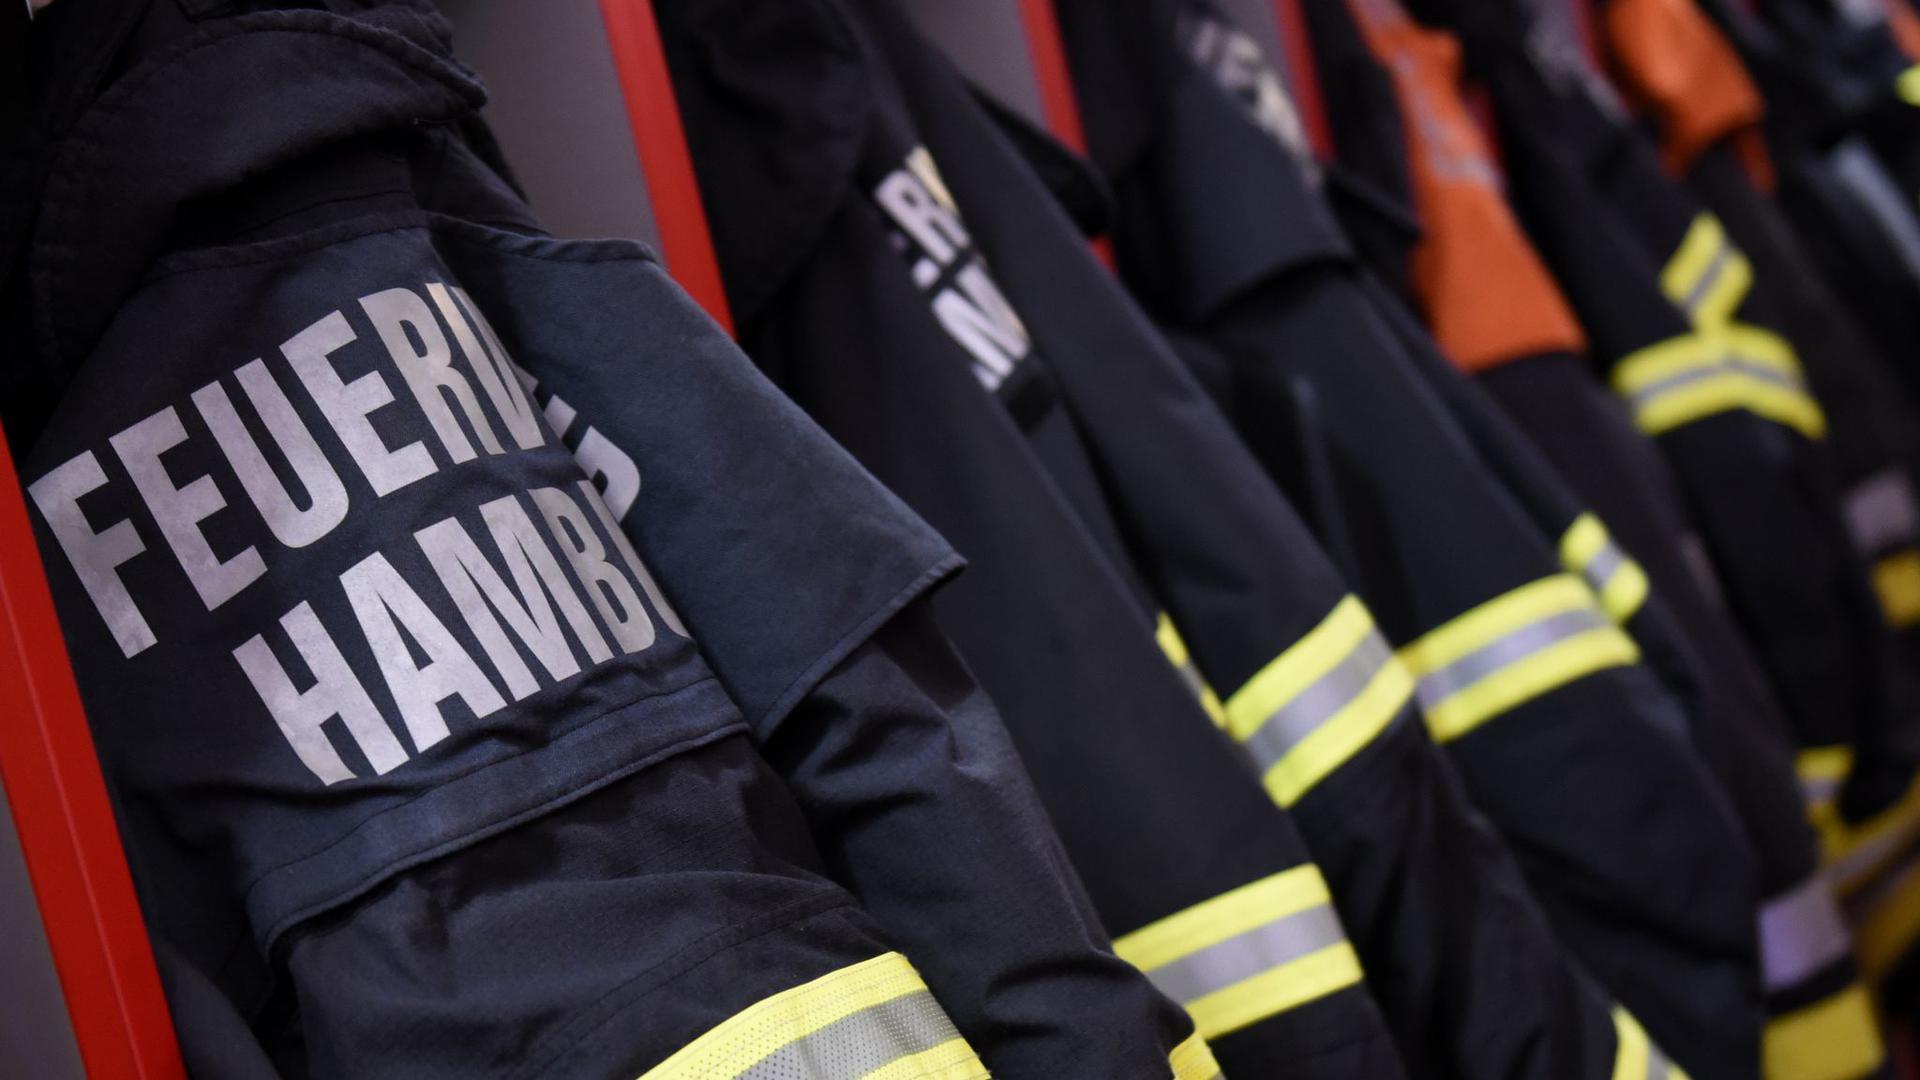 Feuerwehr-Einsatzjacken hängen in einer Feuerwache inHamburg.